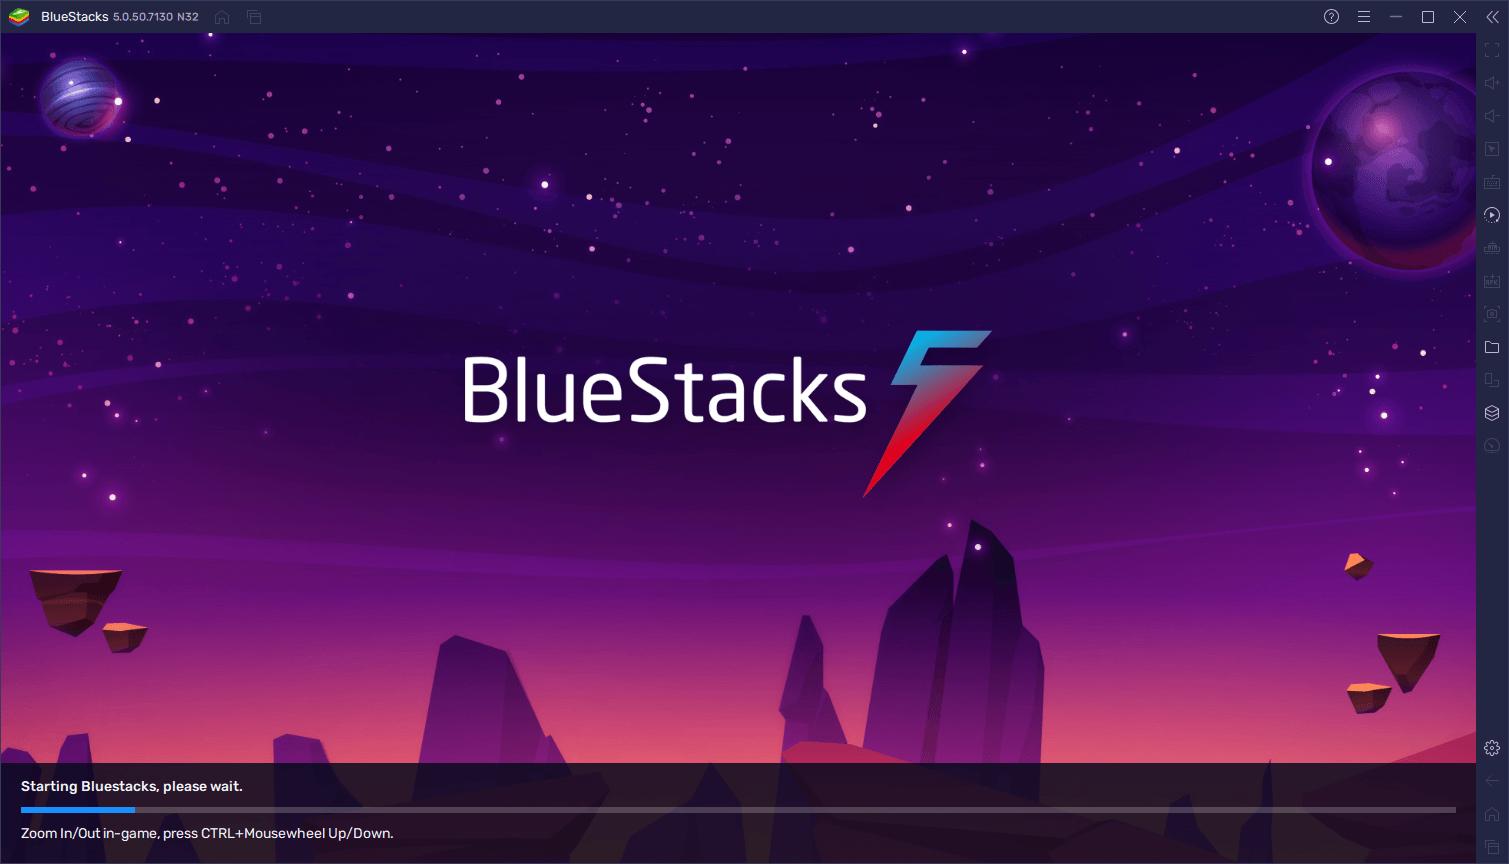 O novo recurso de apara de memória do BlueStacks 5 é garantia de um jogo sem lentidão com o mínimo de uso possível de RAM